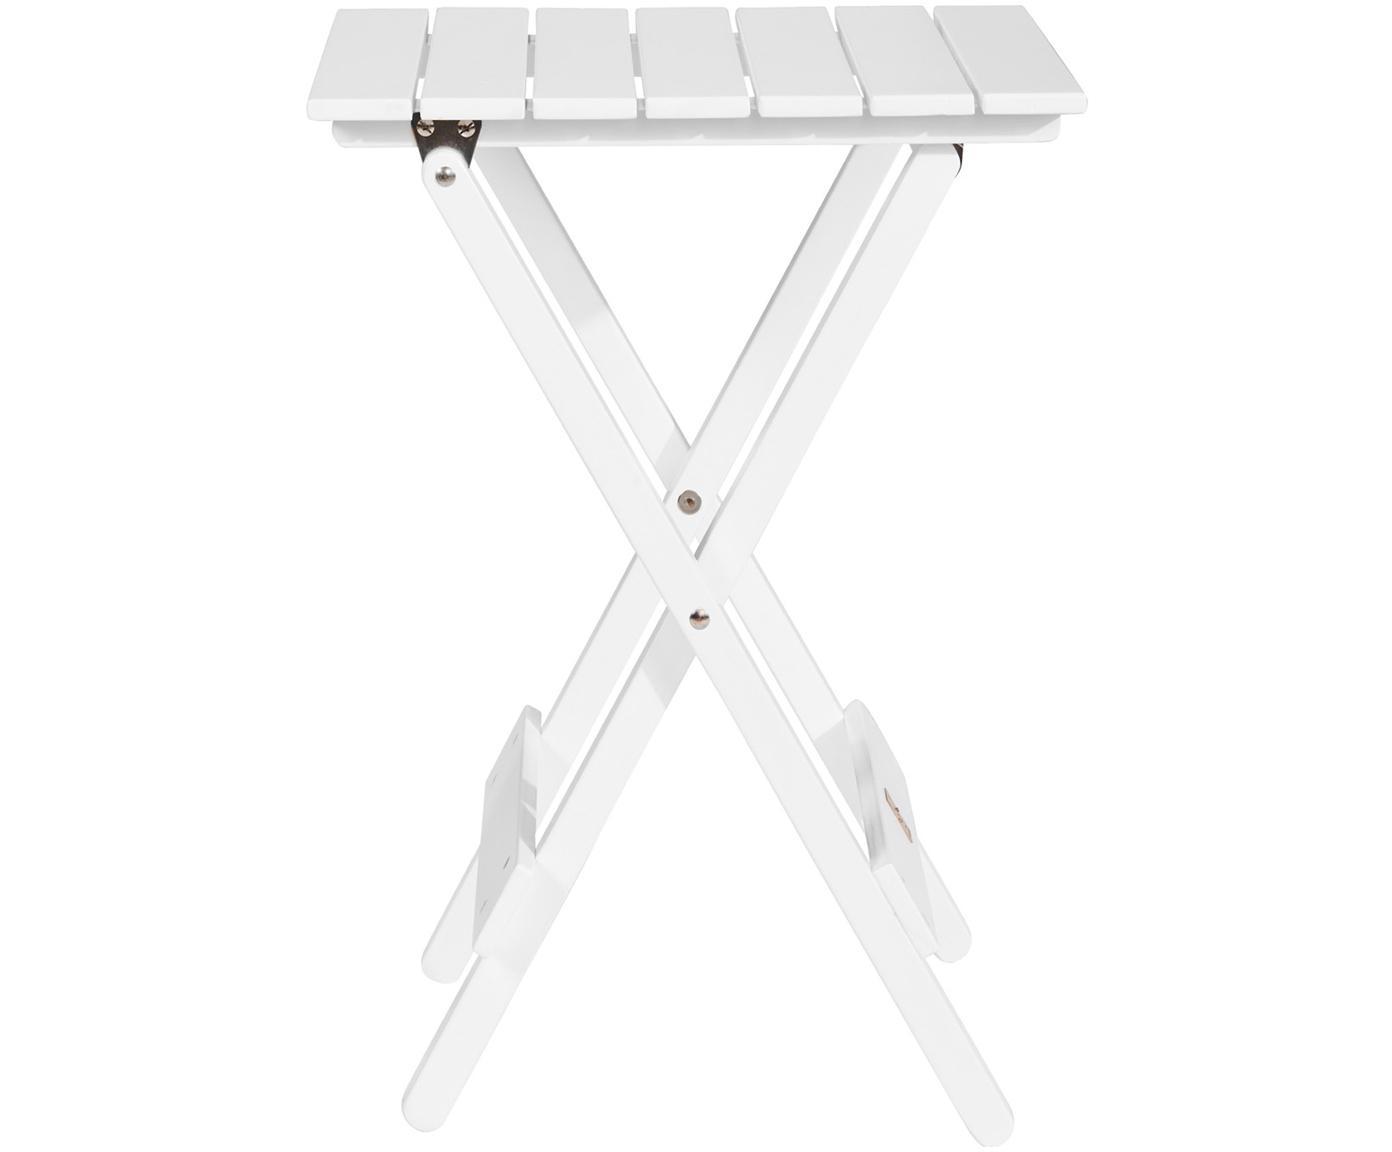 Tavolo pieghevole in legno Lodge, Legno di acacia, verniciato ®FSC certificata, Bianco, Larg. 38 x Alt. 51 cm